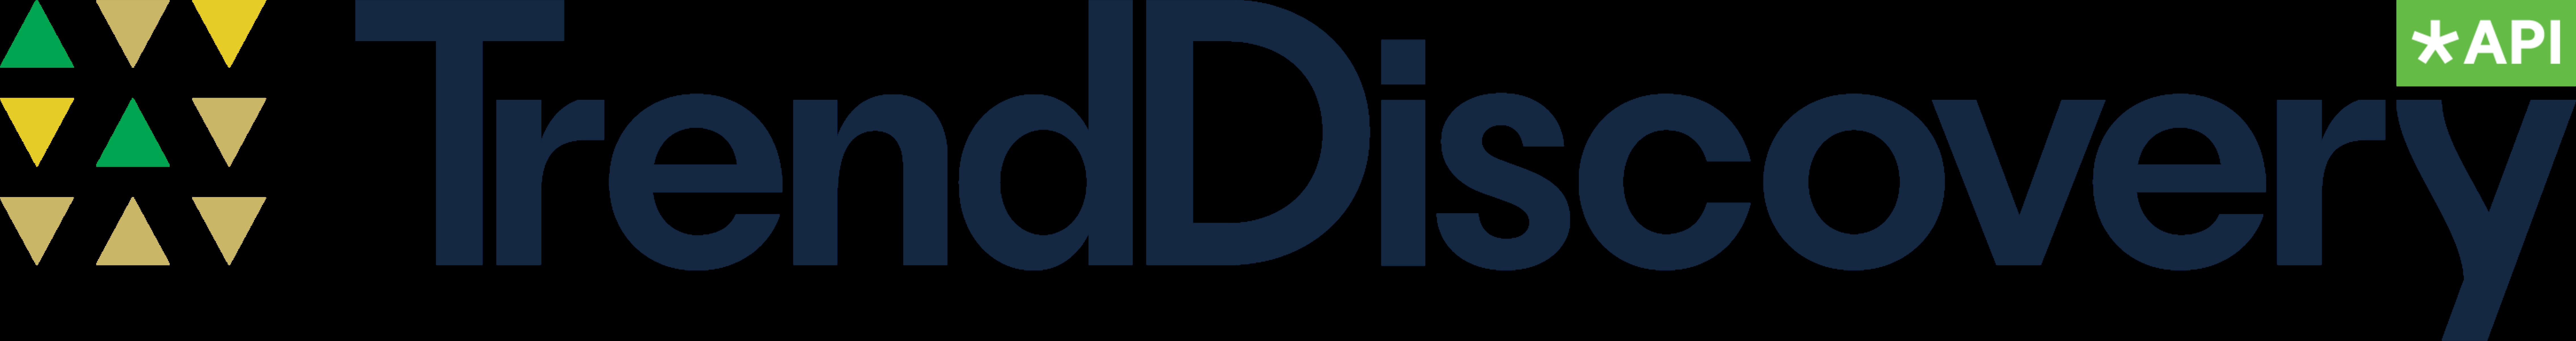 TrendDiscovery API